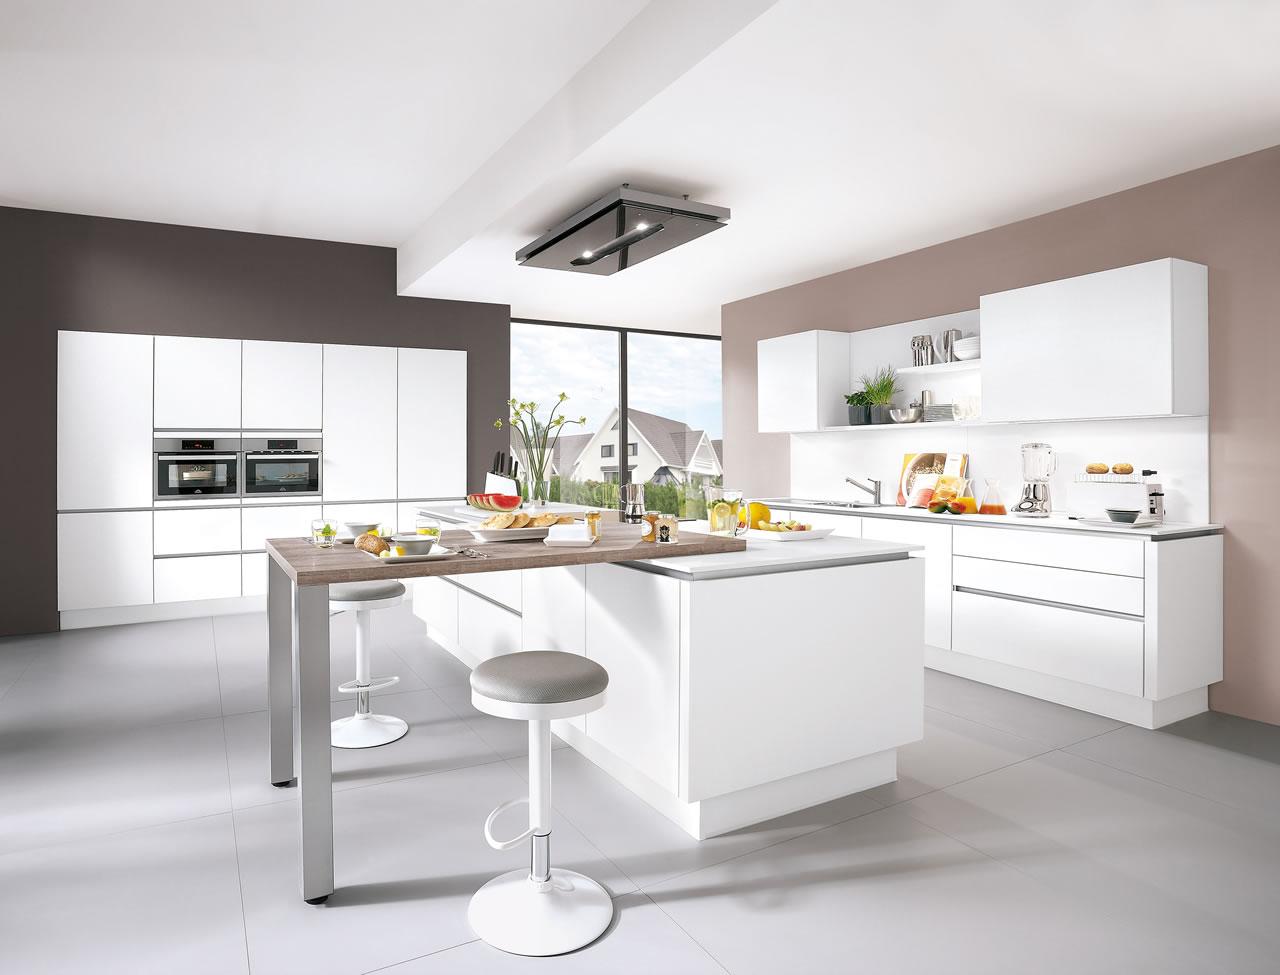 i home kitchens nobilia kitchens german kitchens nobilia line n laser 413 mineral grey. Black Bedroom Furniture Sets. Home Design Ideas